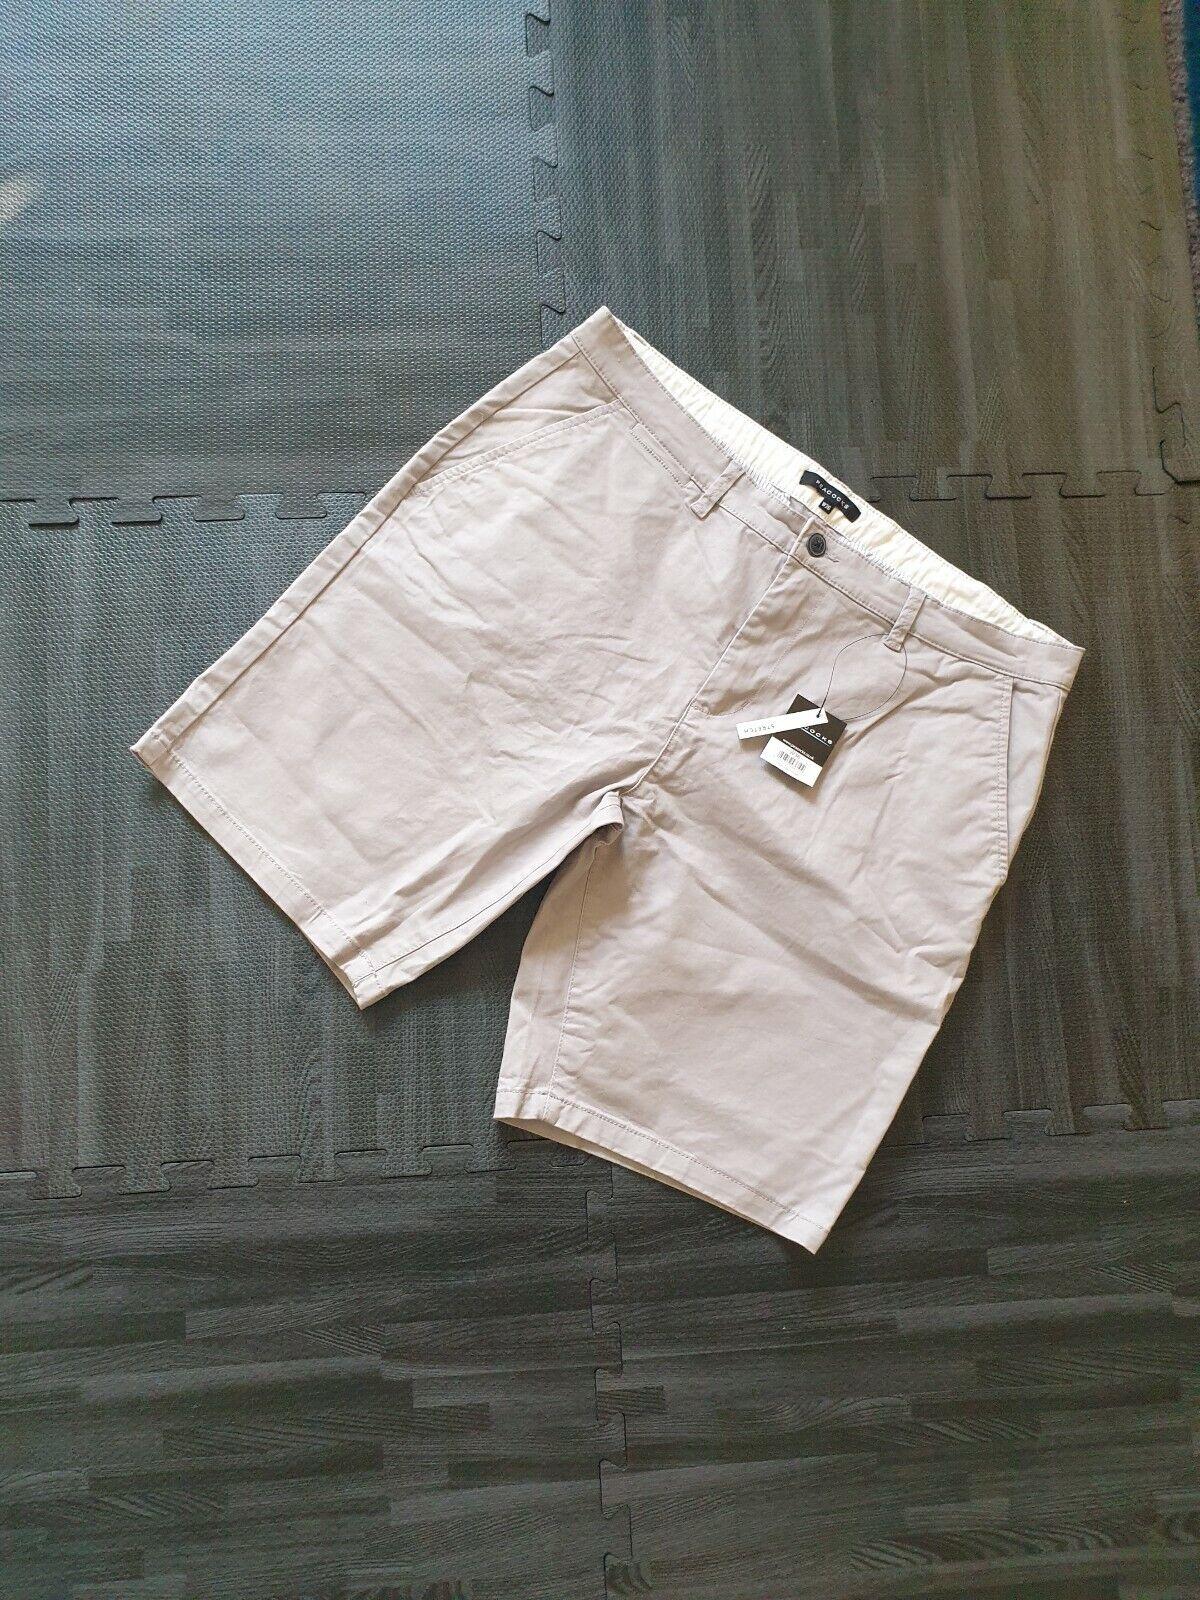 Pantalones cortos de hombre gris pavos reales 36W Nuevo con etiquetas